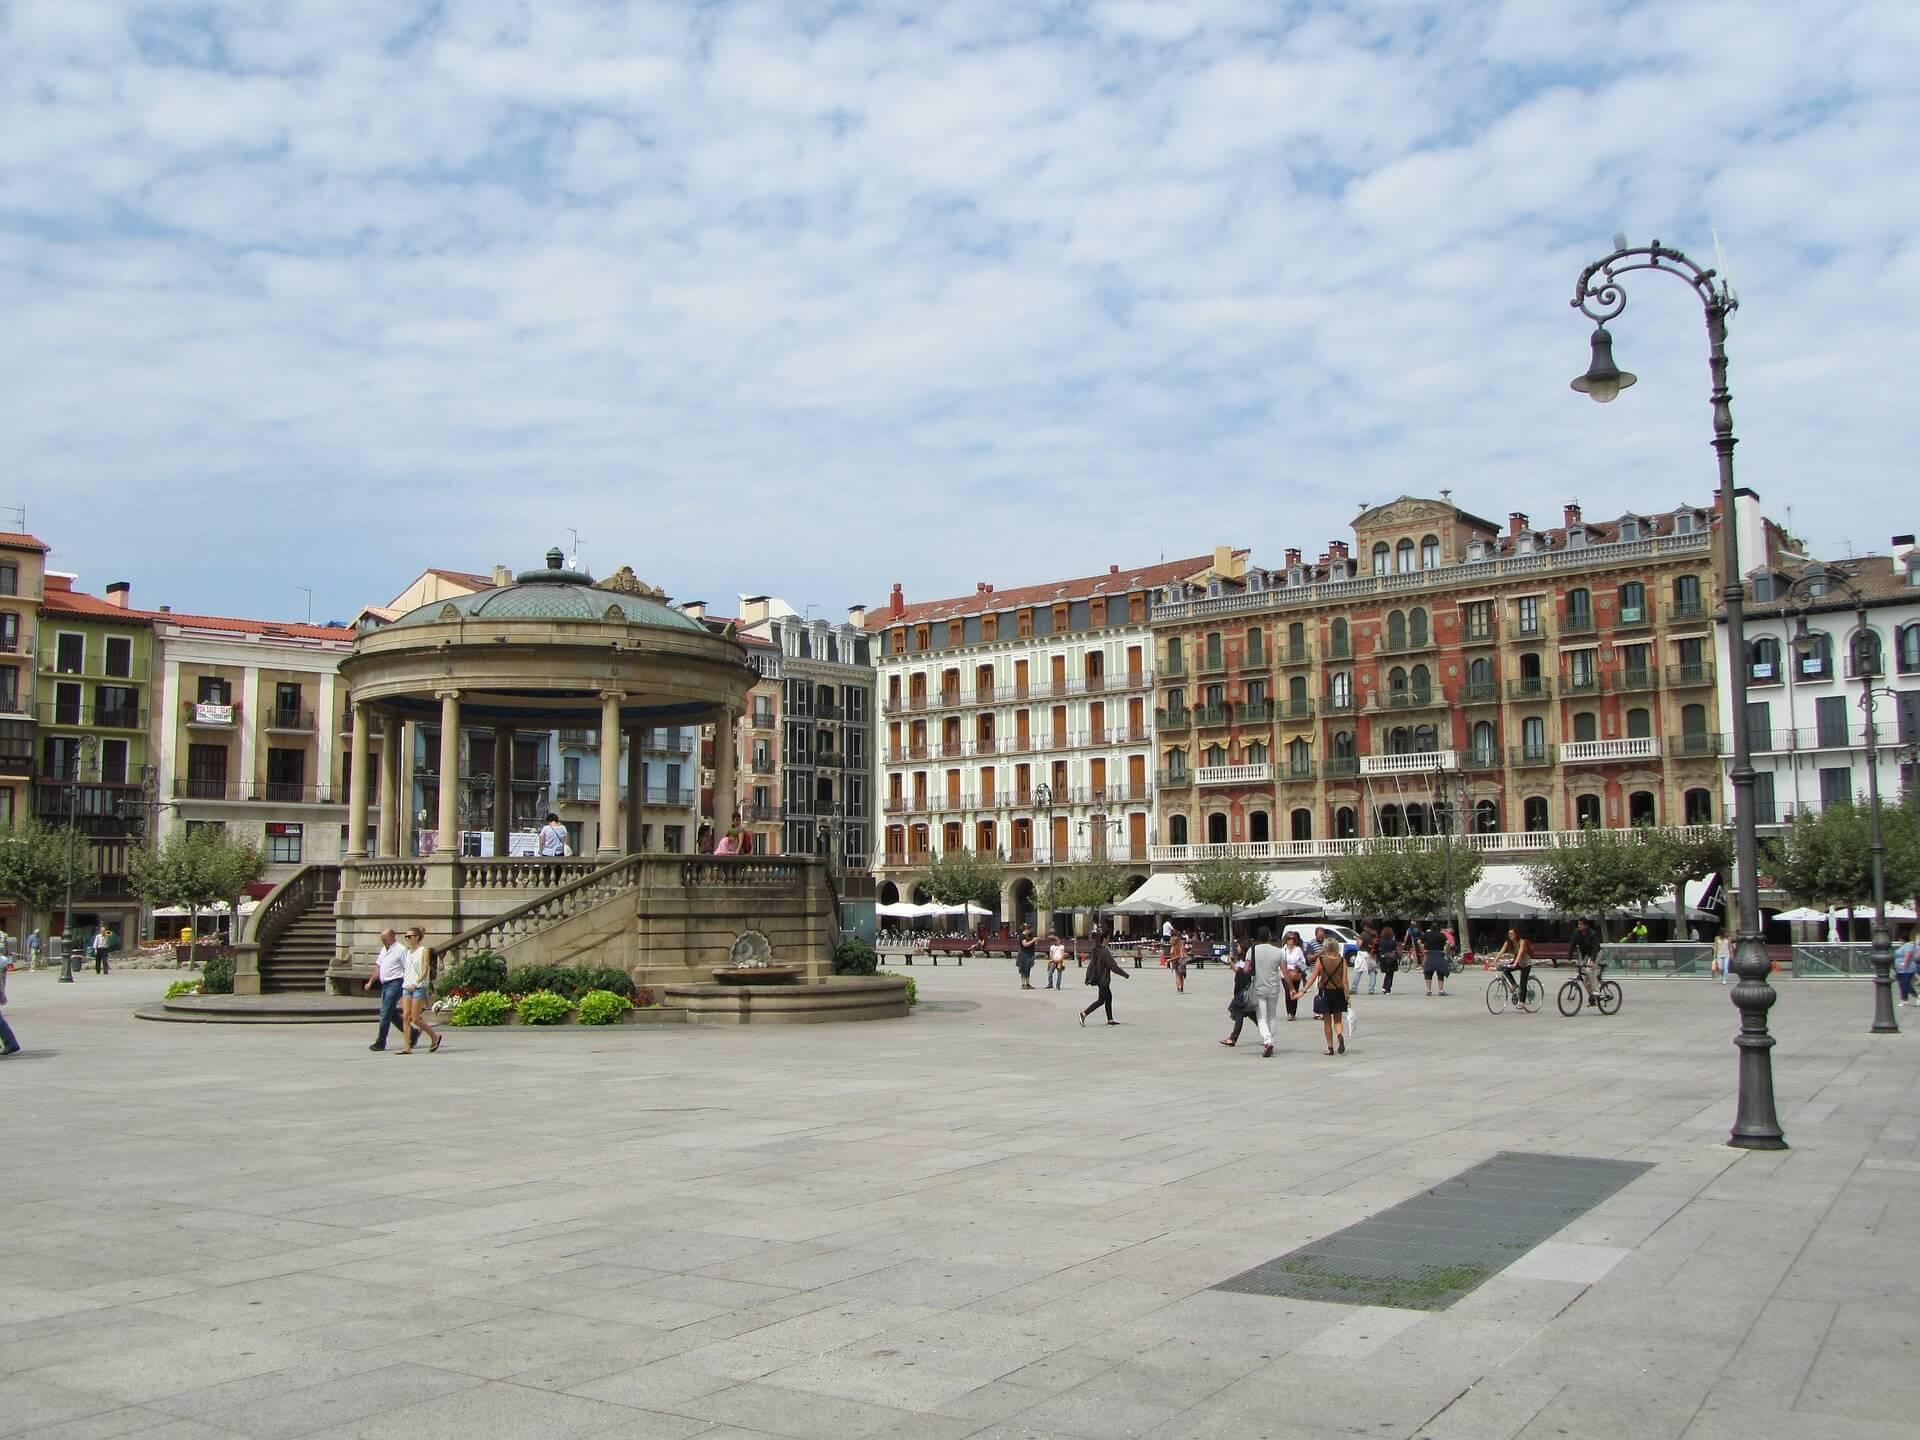 Direktflüge und Billigflüge ab Frankfurt nach Bilbao